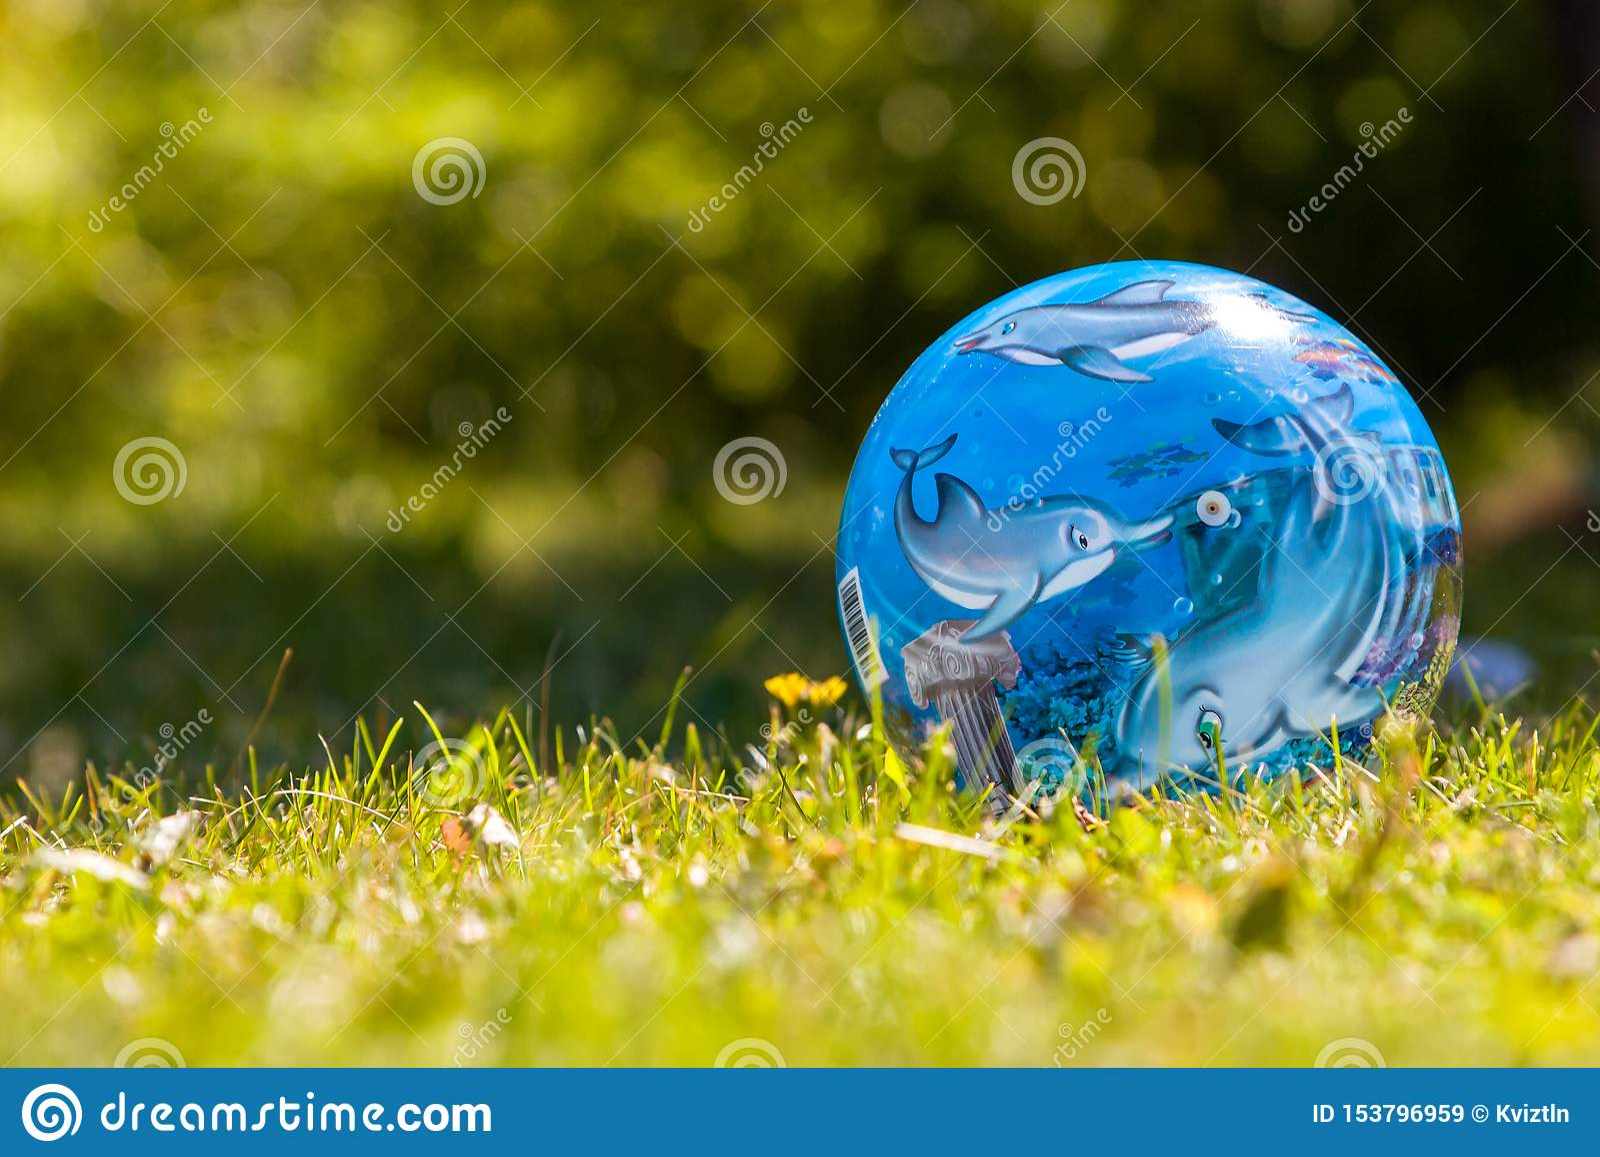 与海豚的蓝色球在与黄色草的鲜绿色的草说谎